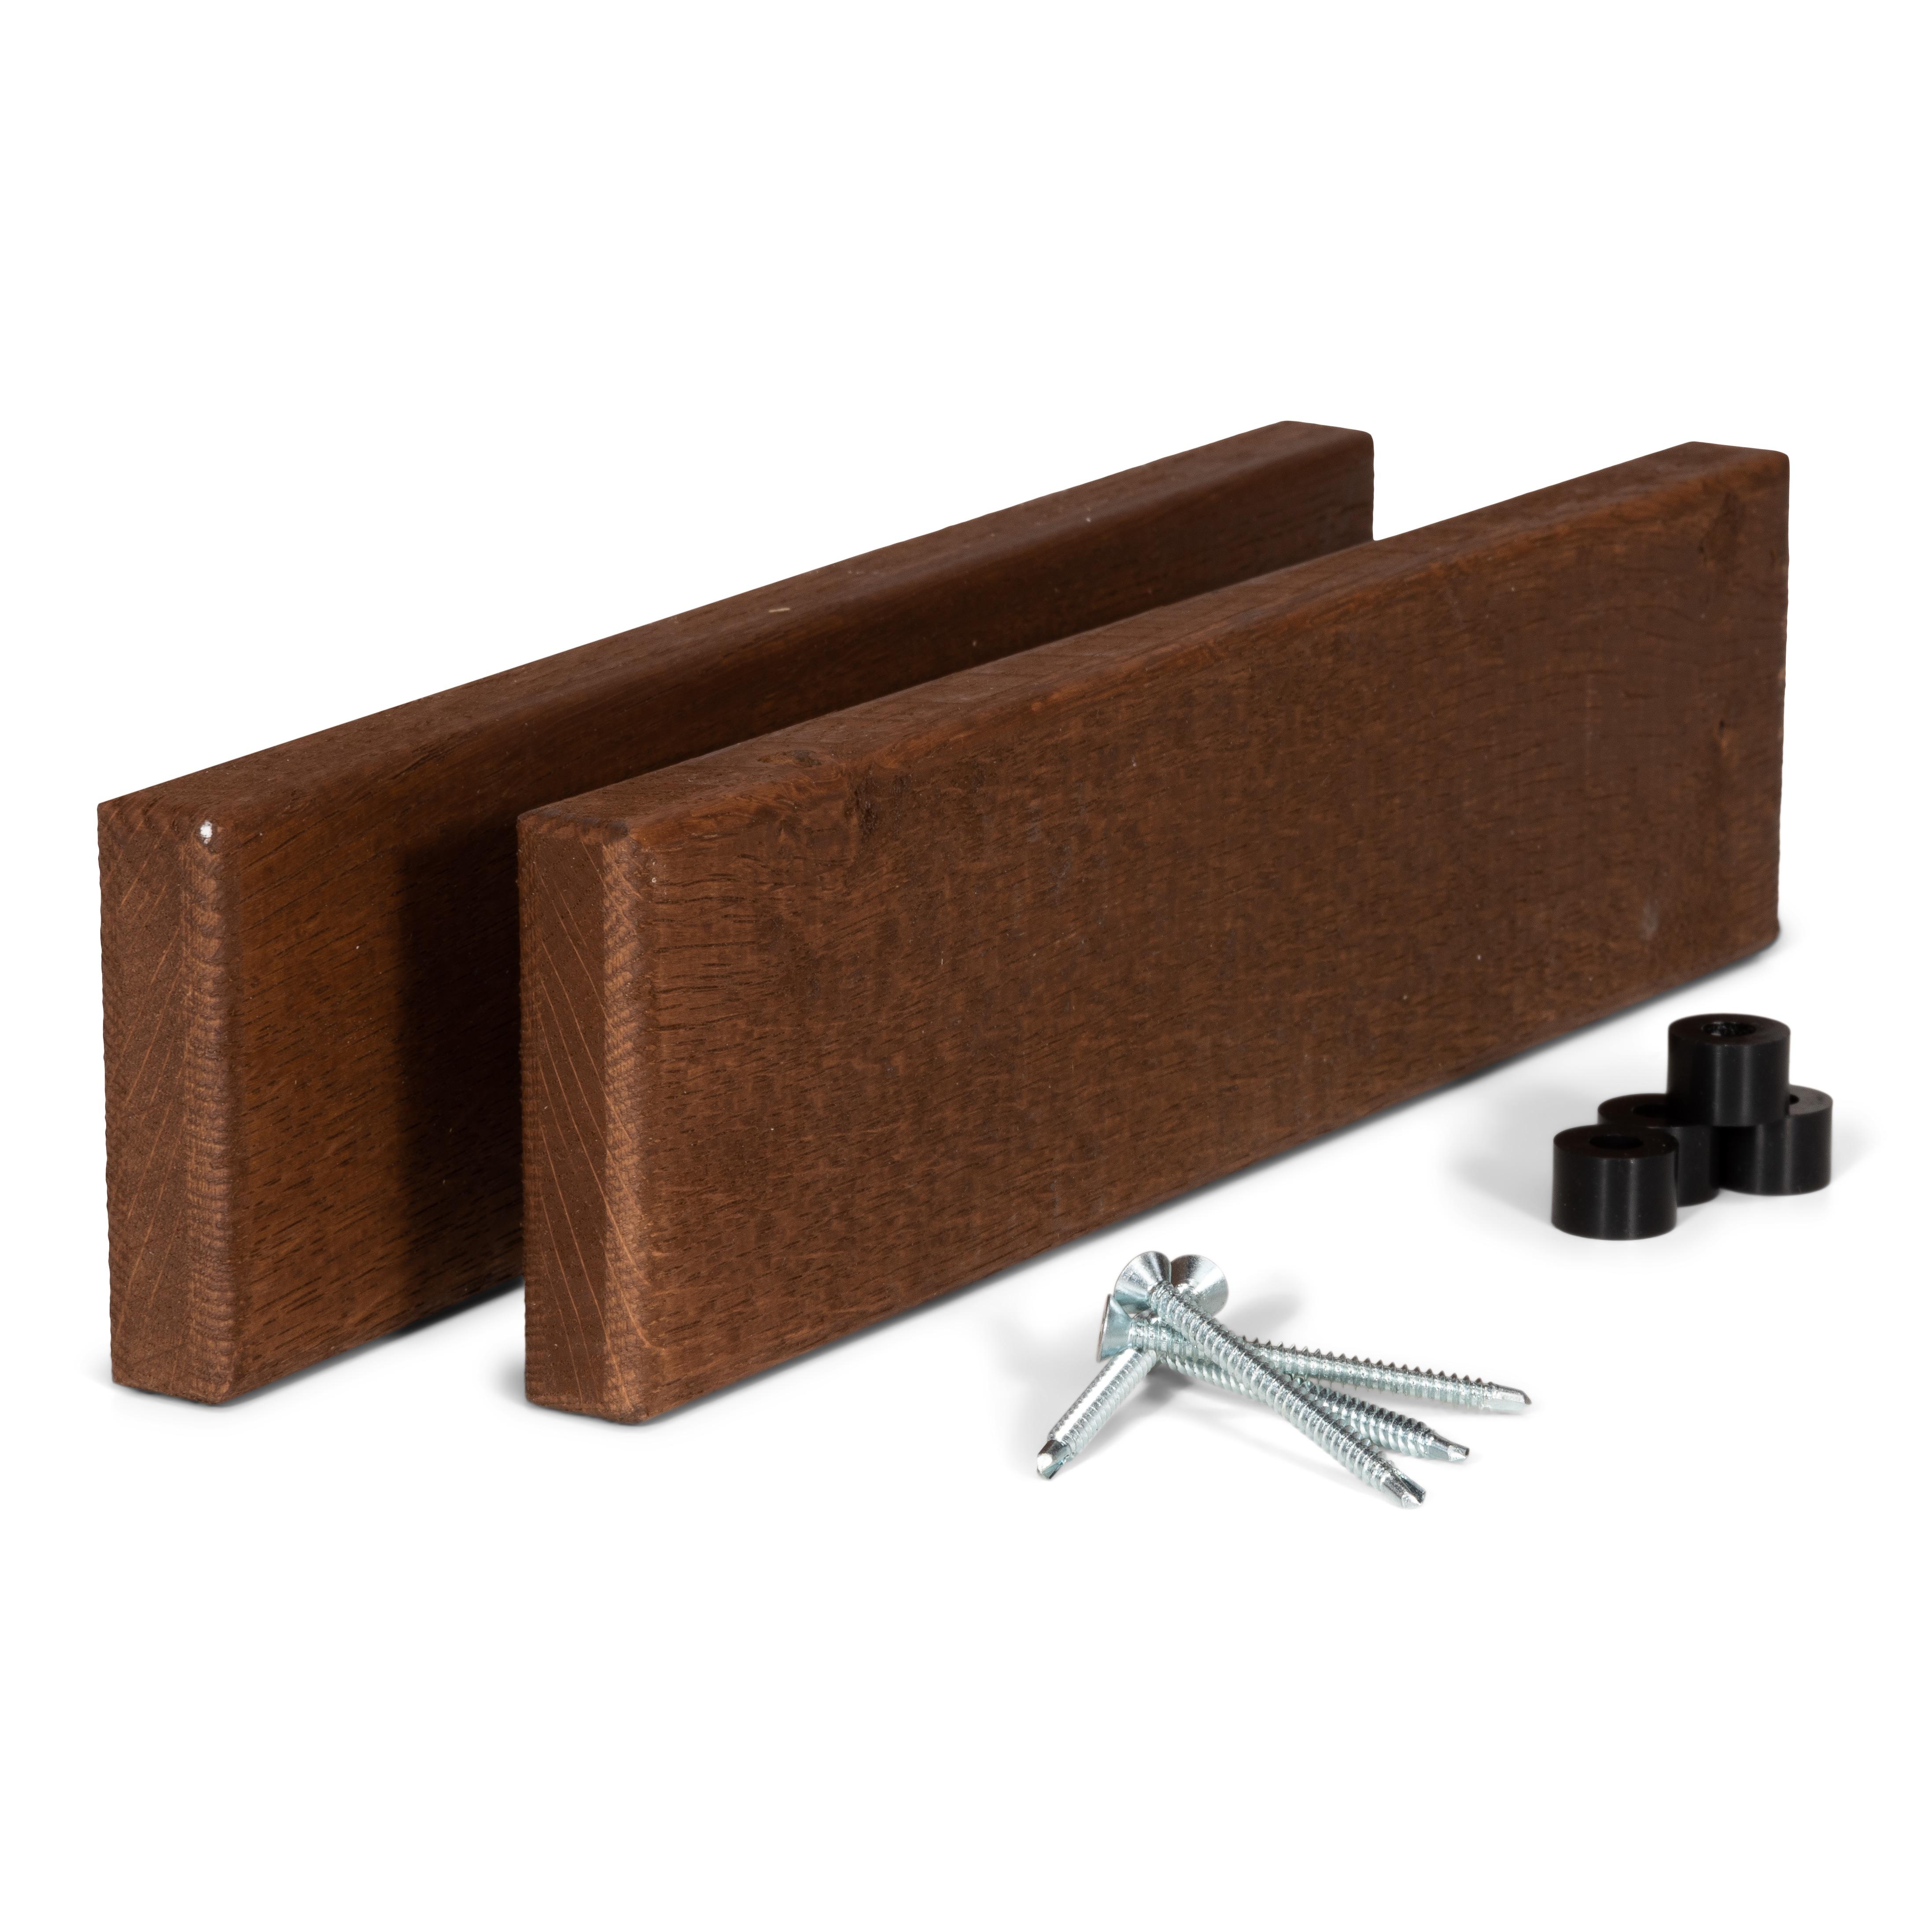 Kit barres latérales avec clés pour bar de balcon en chêne foncé